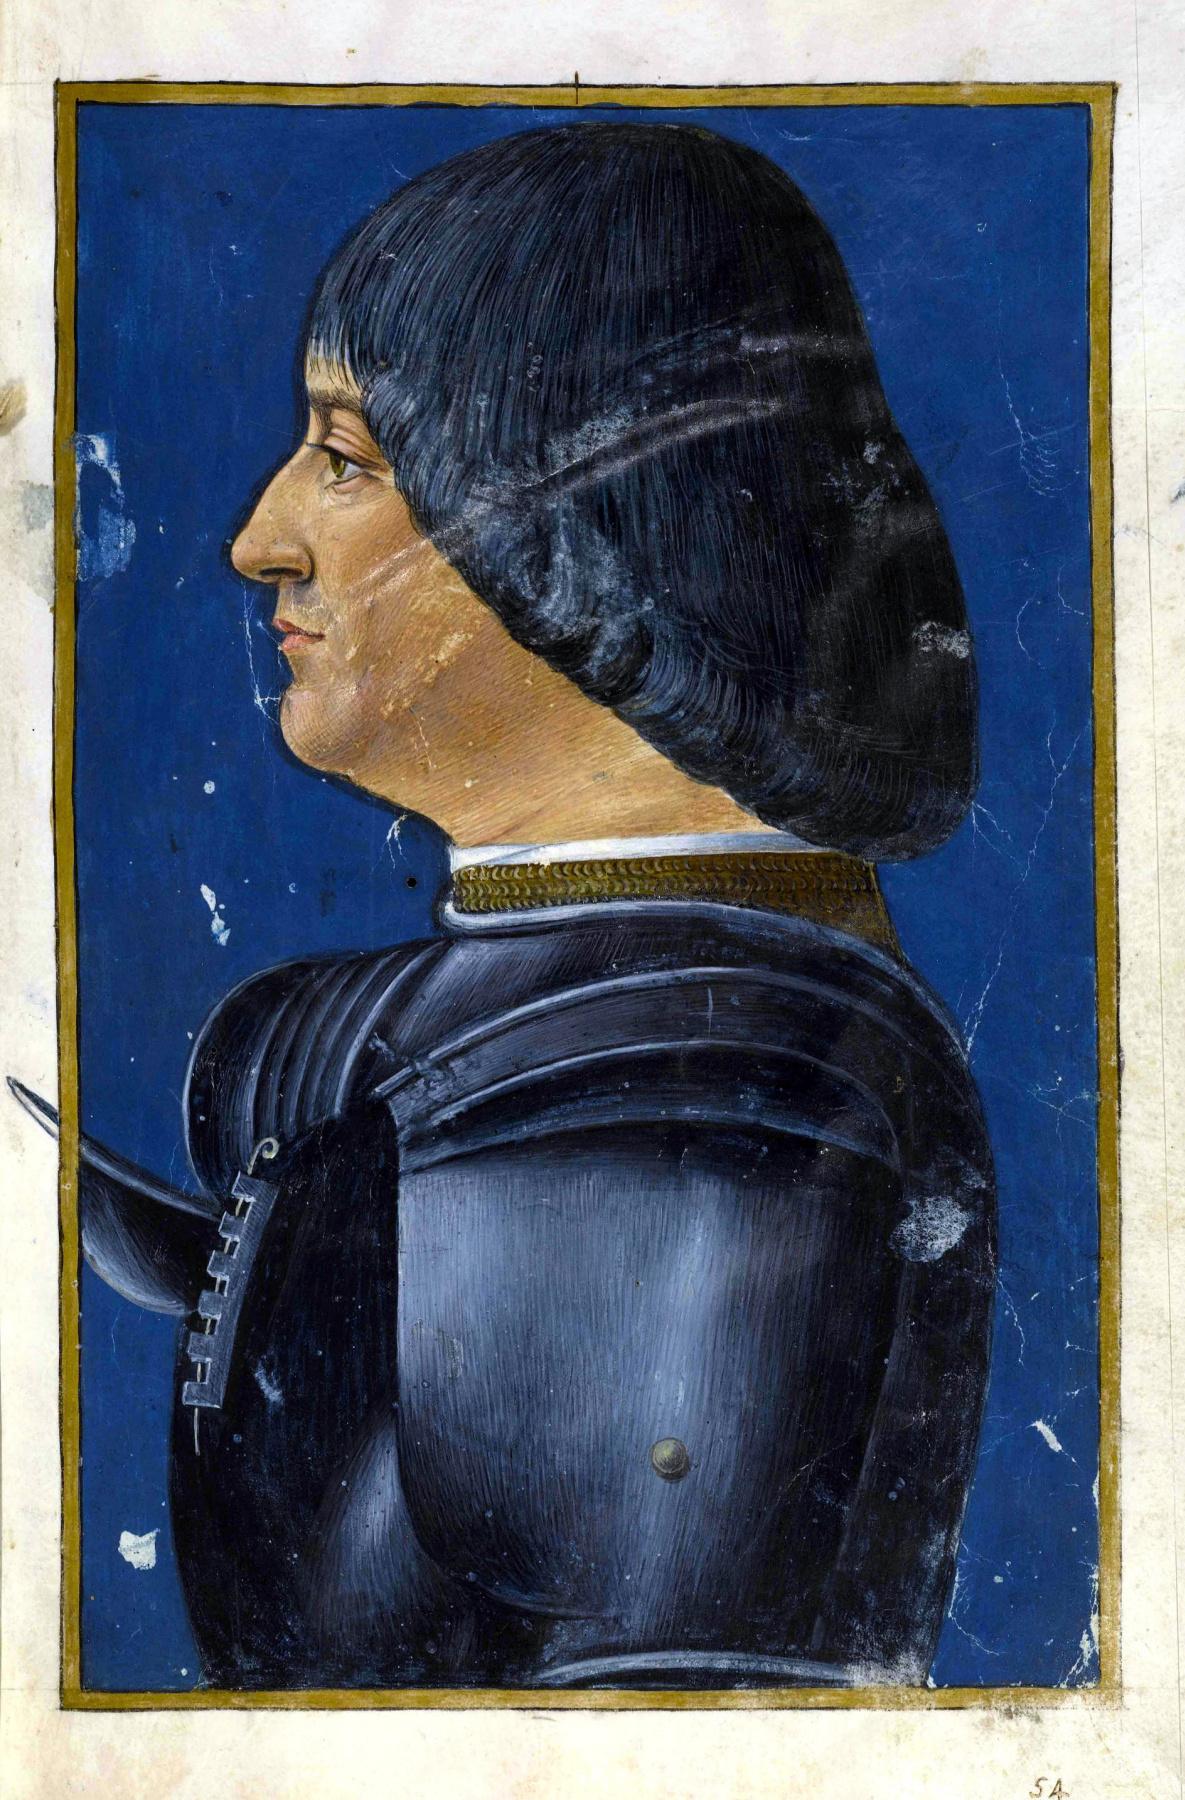 Giovanni Ambrogio de Predis. Portrait Of Ludovico Sforza (Ludovico Moro). Miniature from the Latin grammar of Donatus